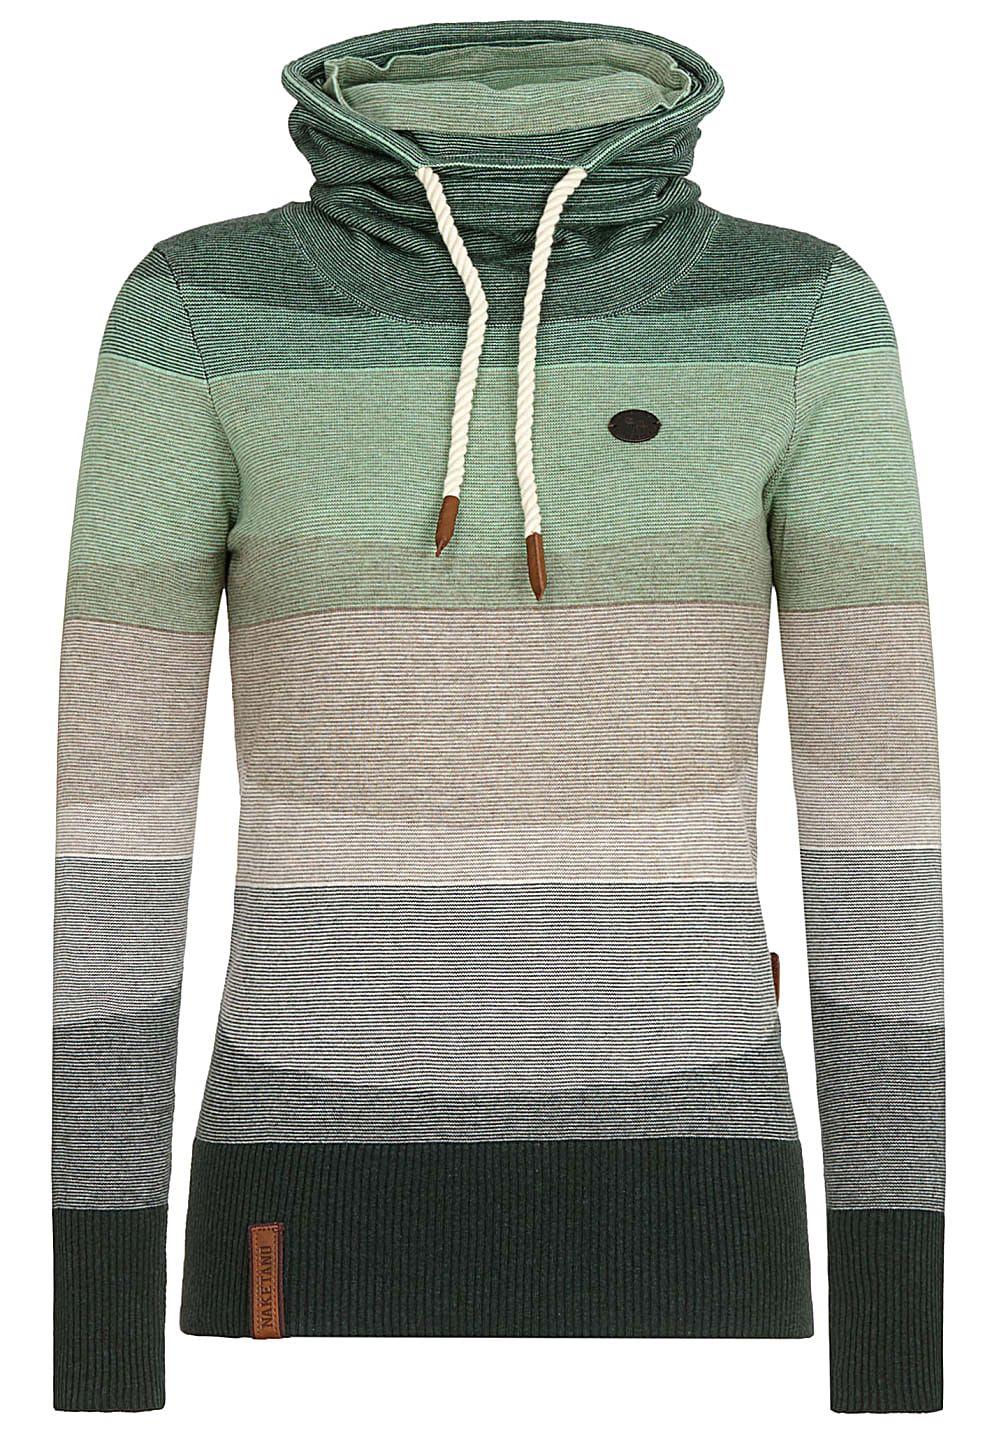 Strickpullover für Damen | Pullover, Fashion, Hoodies